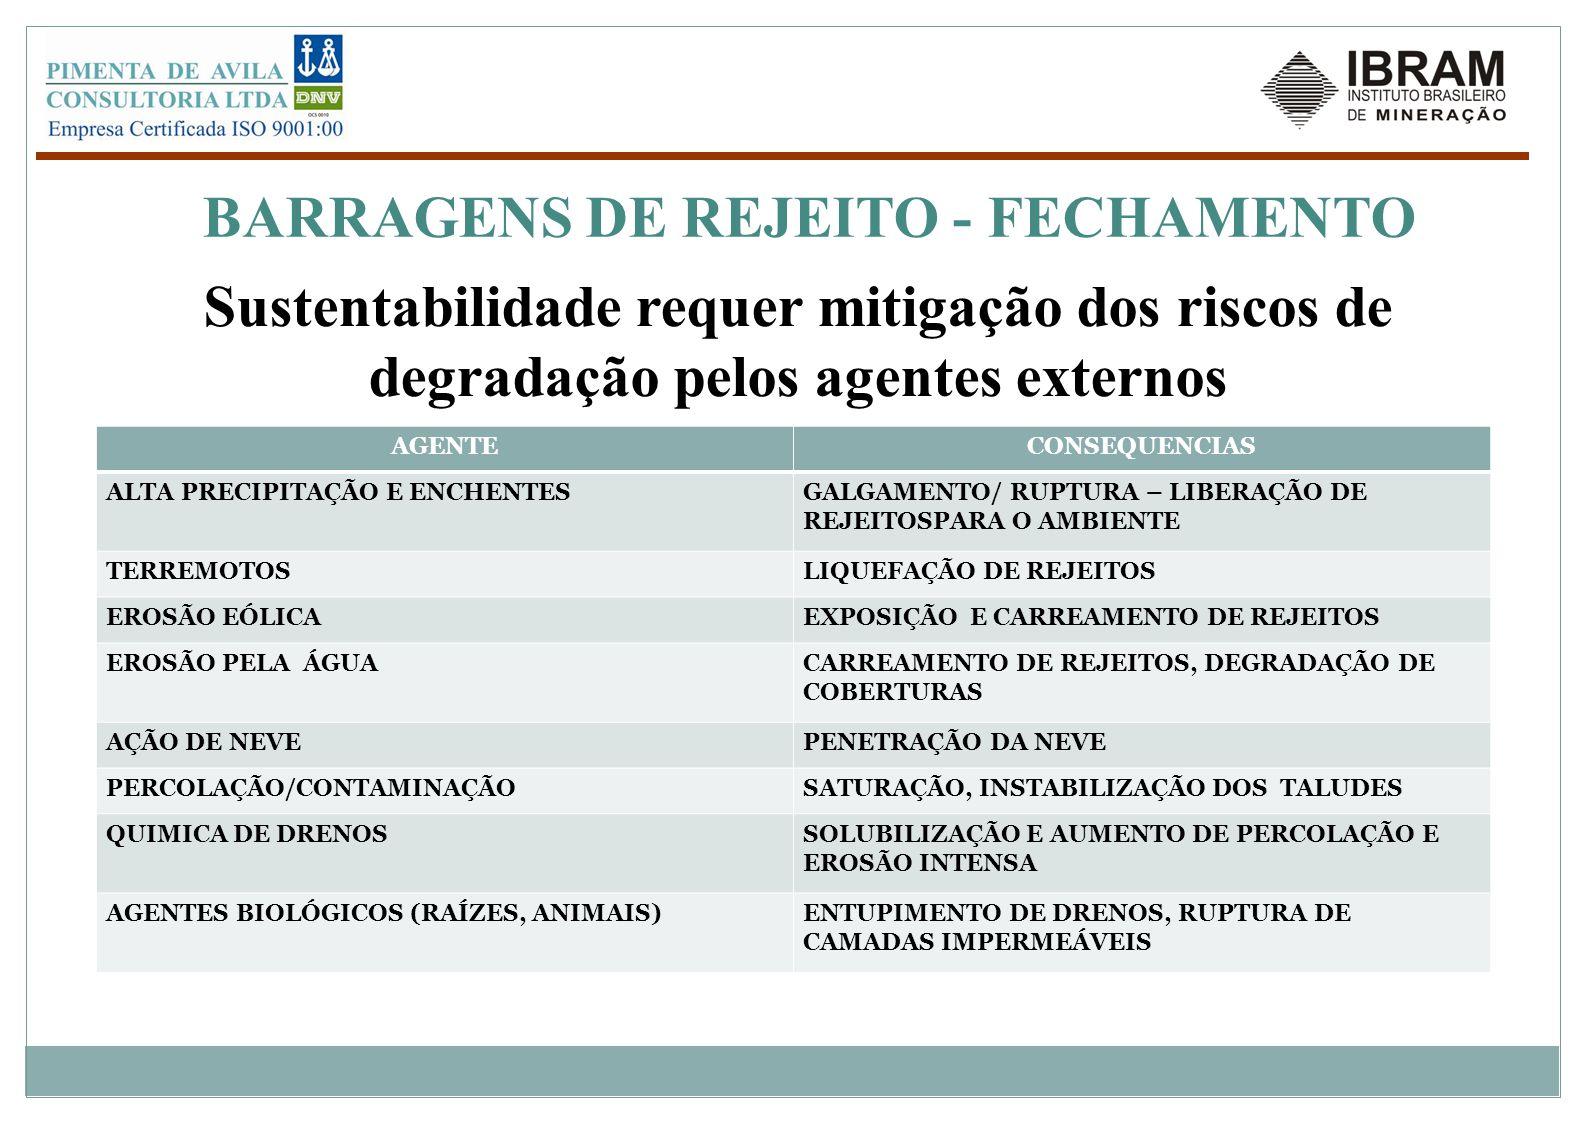 BARRAGENS DE REJEITO - FECHAMENTO Sustentabilidade requer mitigação dos riscos de degradação pelos agentes externos AGENTECONSEQUENCIAS ALTA PRECIPITA